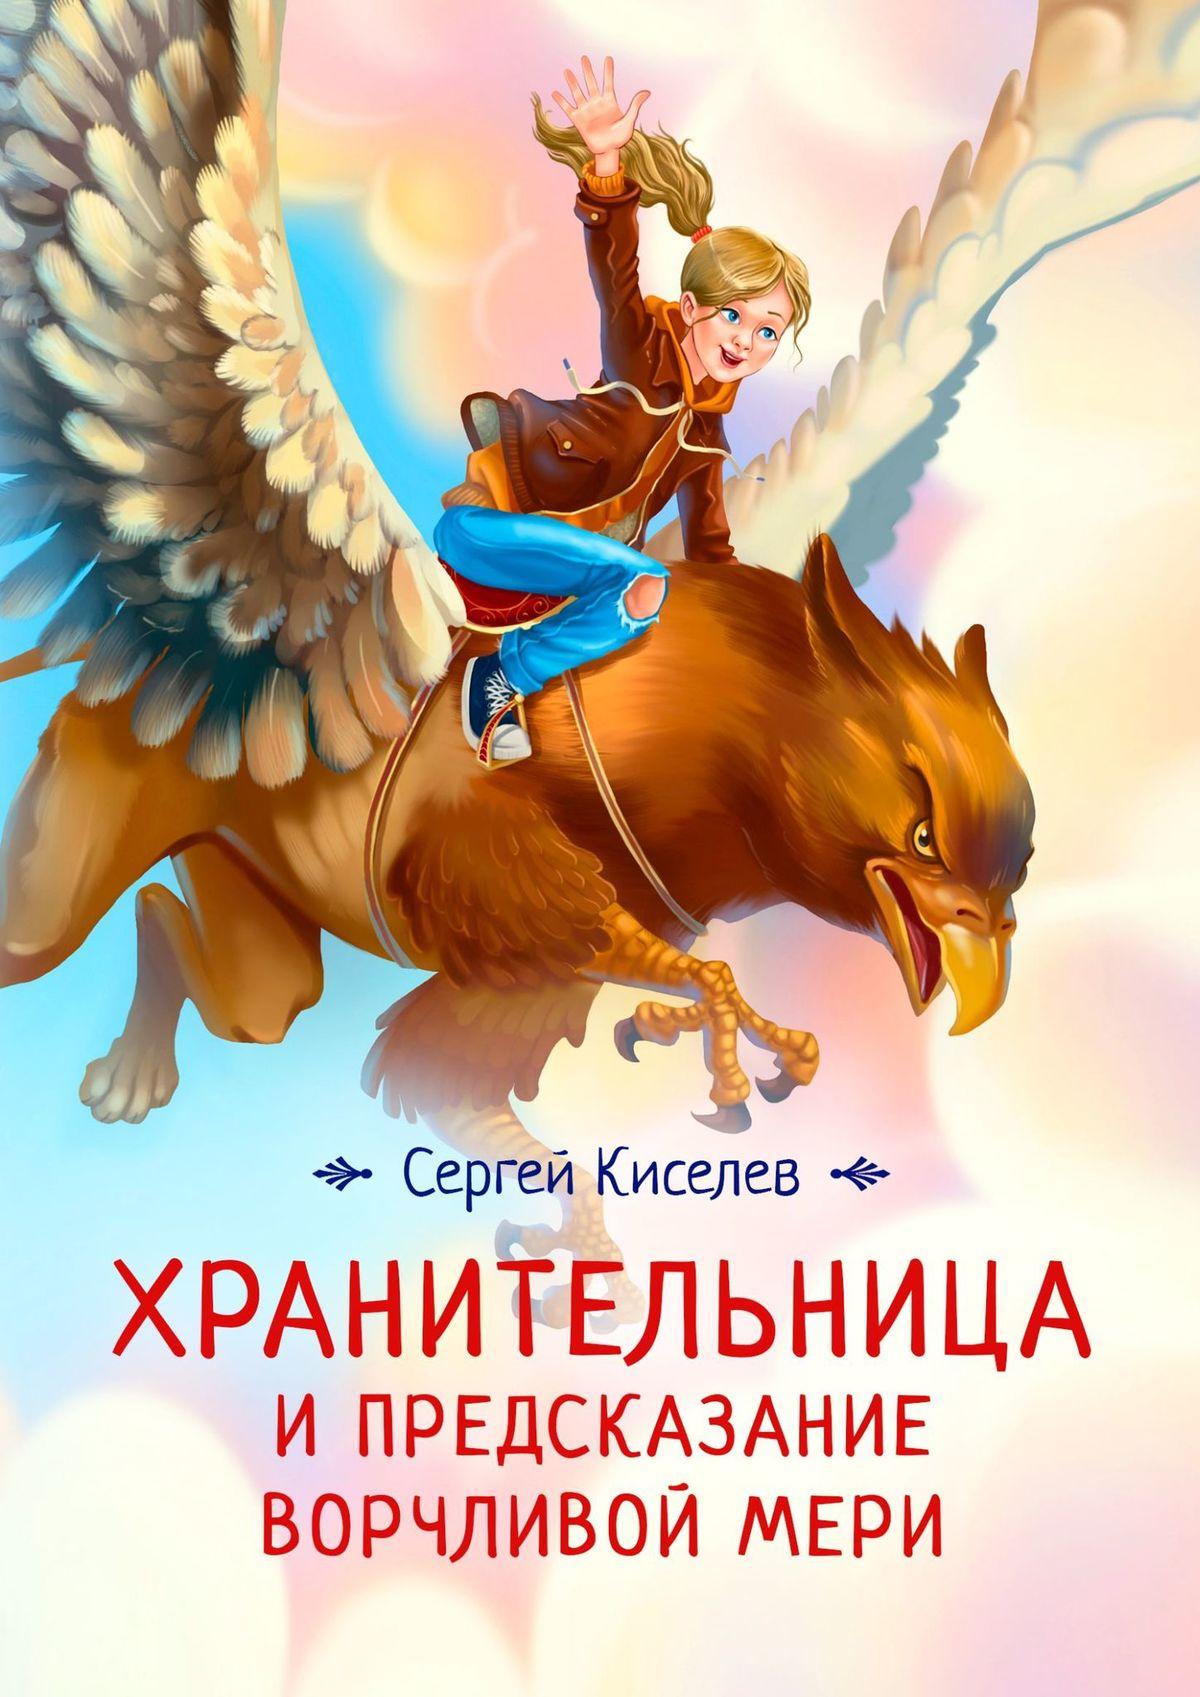 Сергей Киселев - Хранительница и предсказание Ворчливой Мери